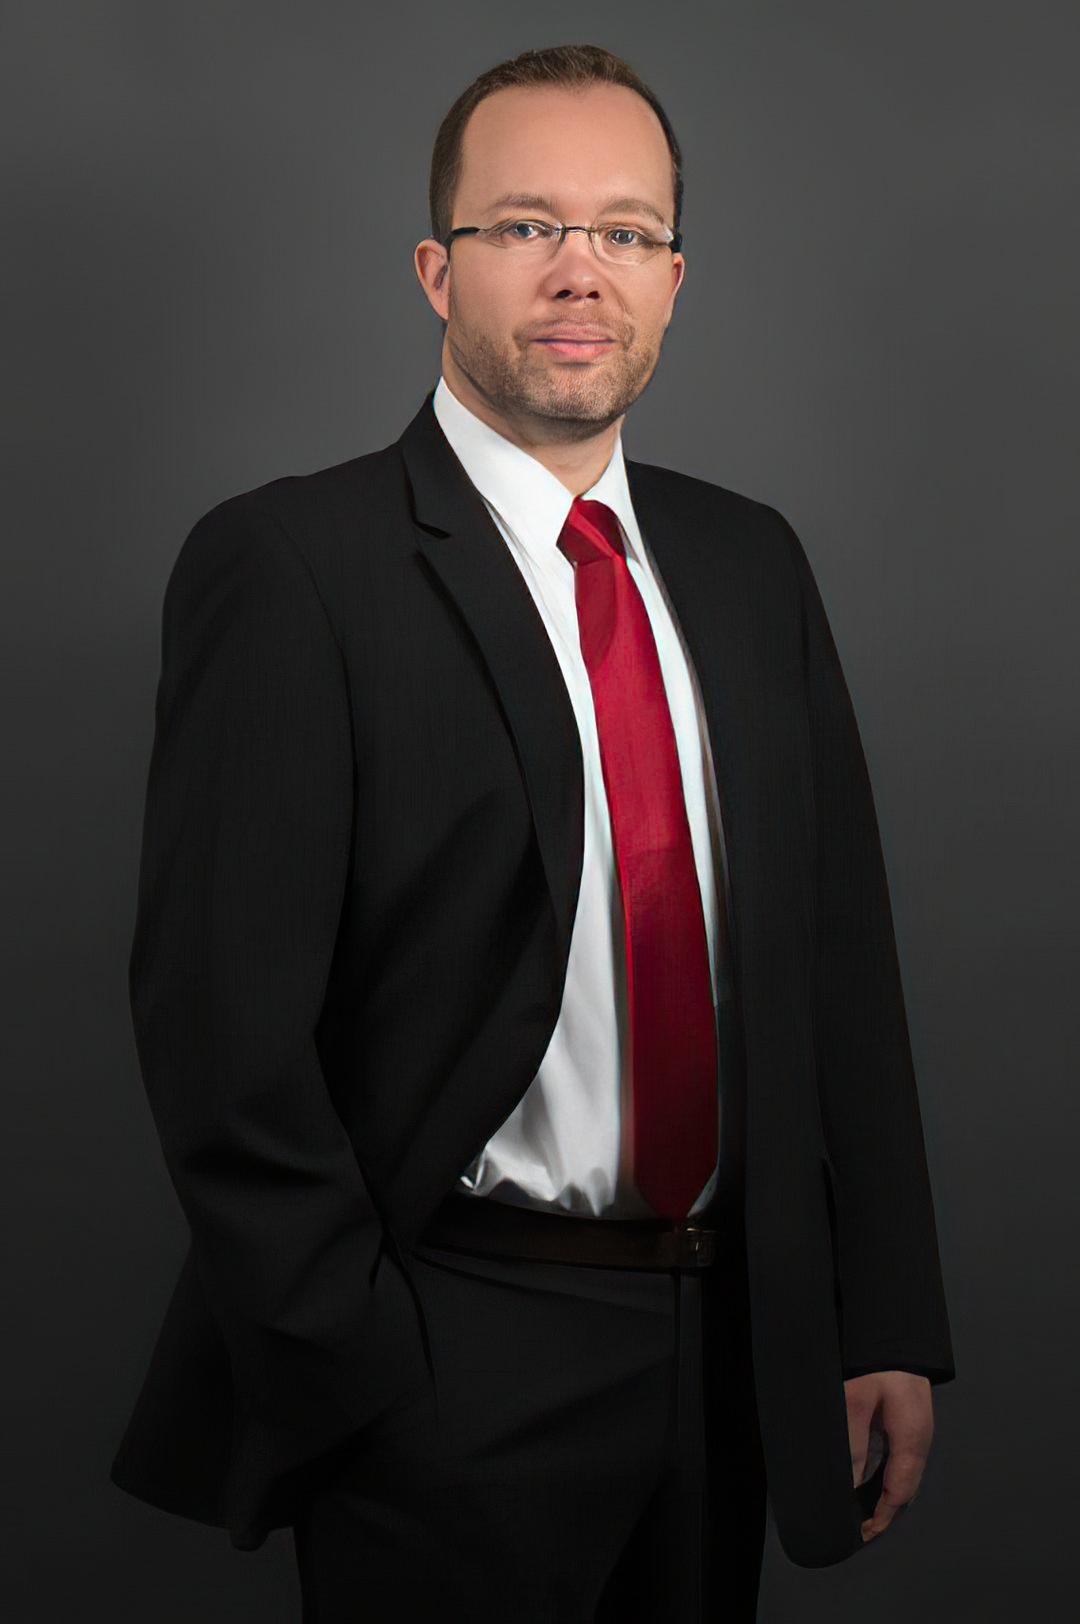 David Schoofs